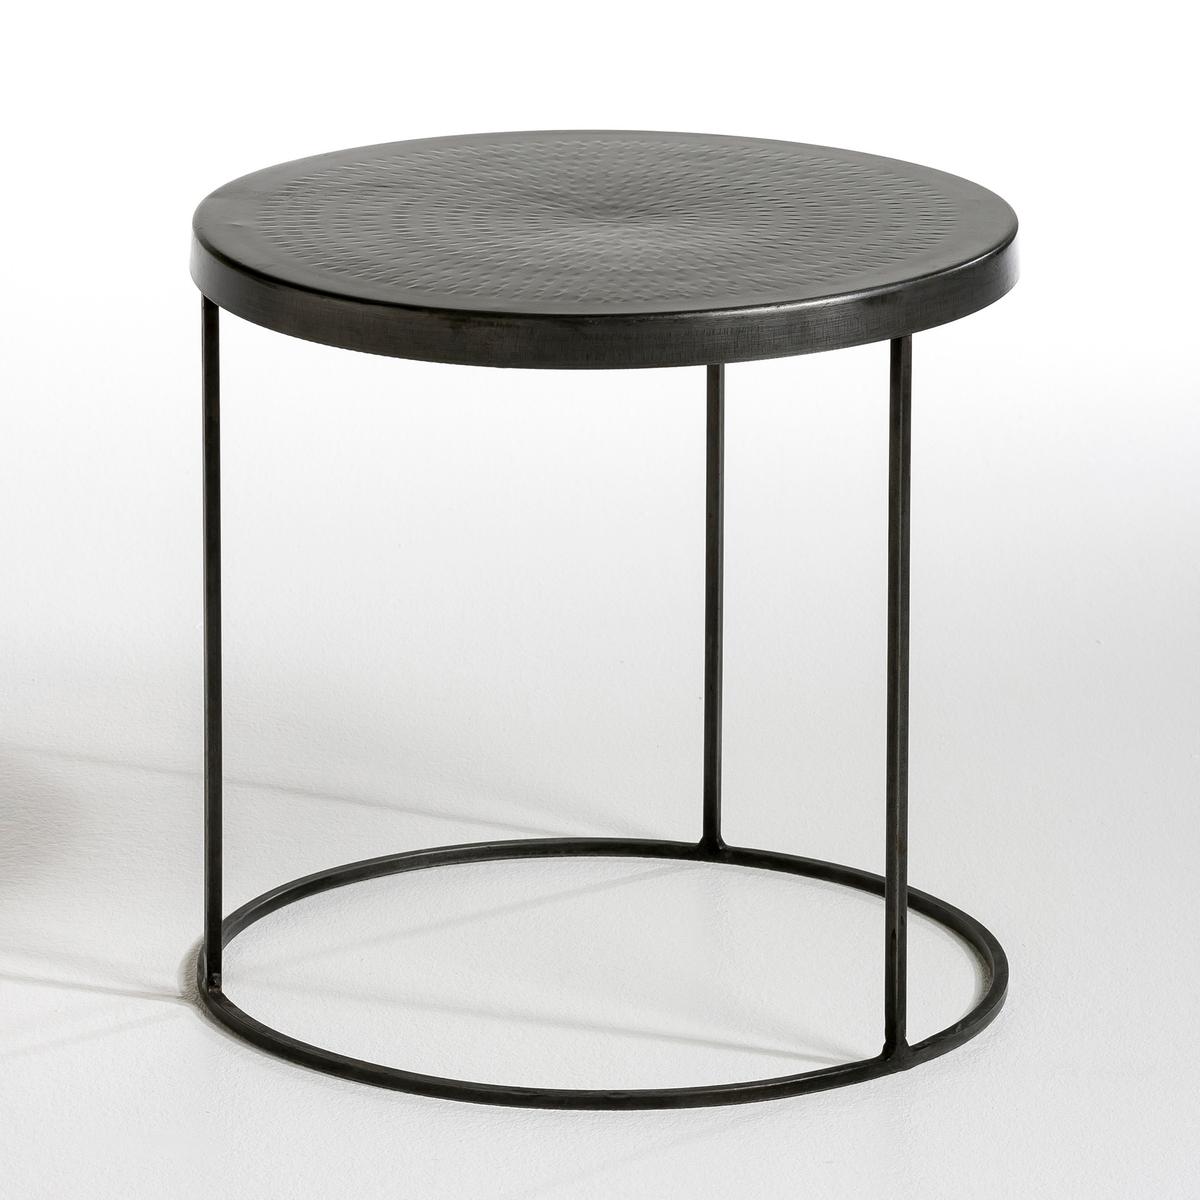 Столик диванный FergusДиванный столик или низкий журнальный столик цилиндрической формы .Характеристики :Из металла, отделка под старину.Кованая столешница . Размеры :- Диаметр.40 x Высота.40 см.  Размеры и вес упаковки :- Ш.48 x В.48 x Г.48 см, 6,4 кг.<br><br>Цвет: стальной